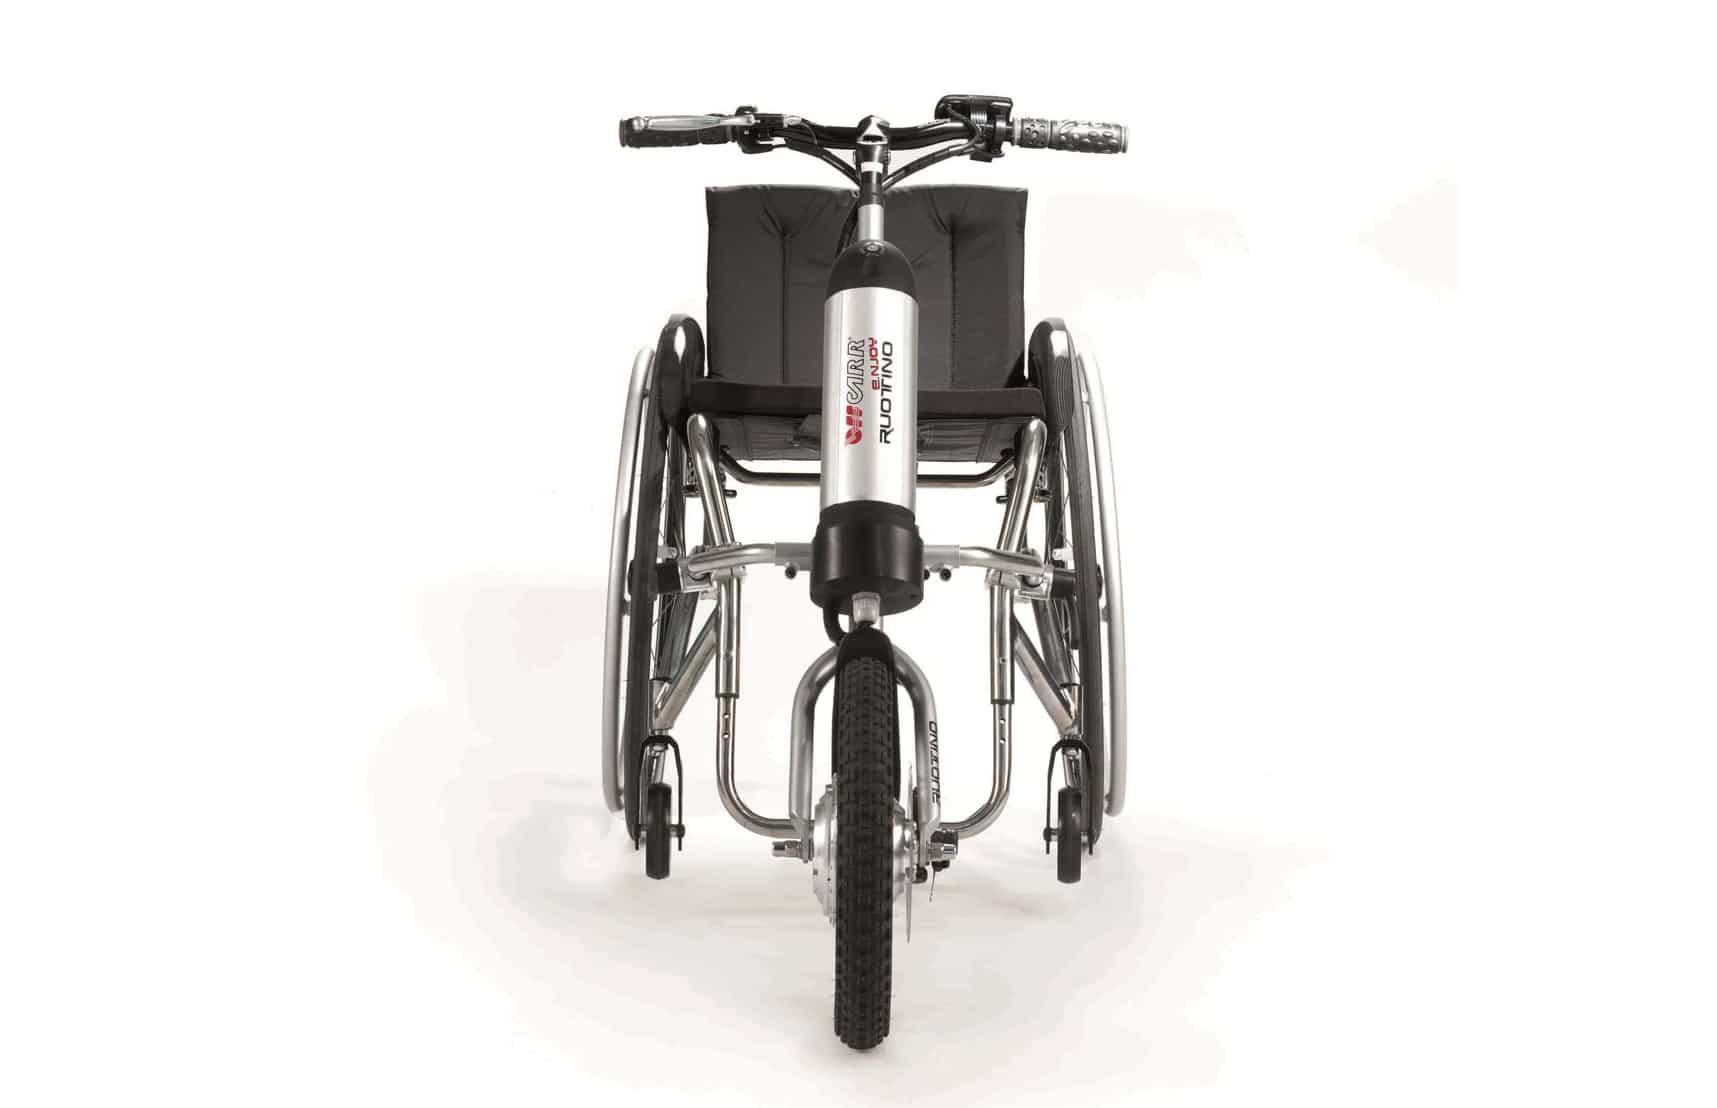 Cadeira de rodas com Ruotino vista de frente